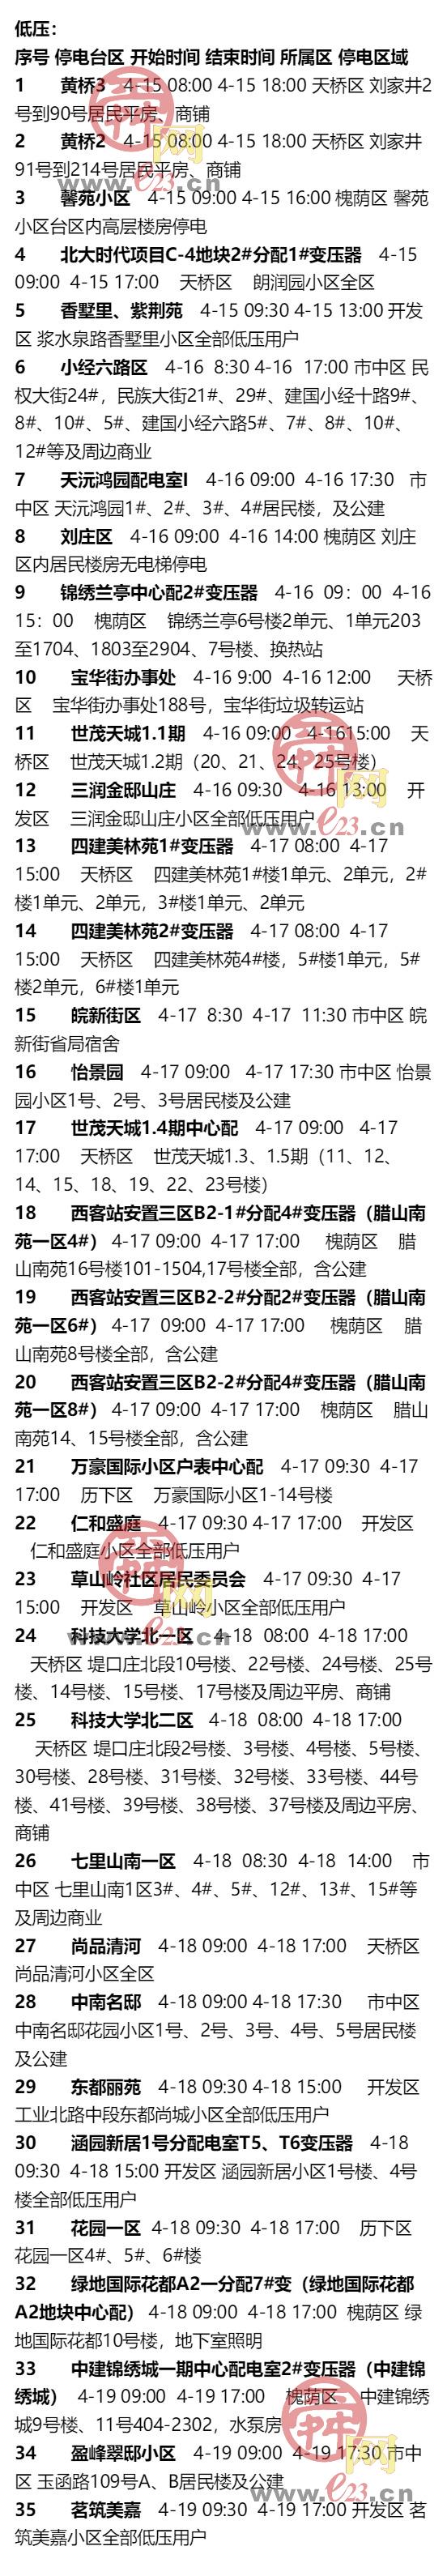 4月13日至4月19日濟南部分區域電力設備檢修通知